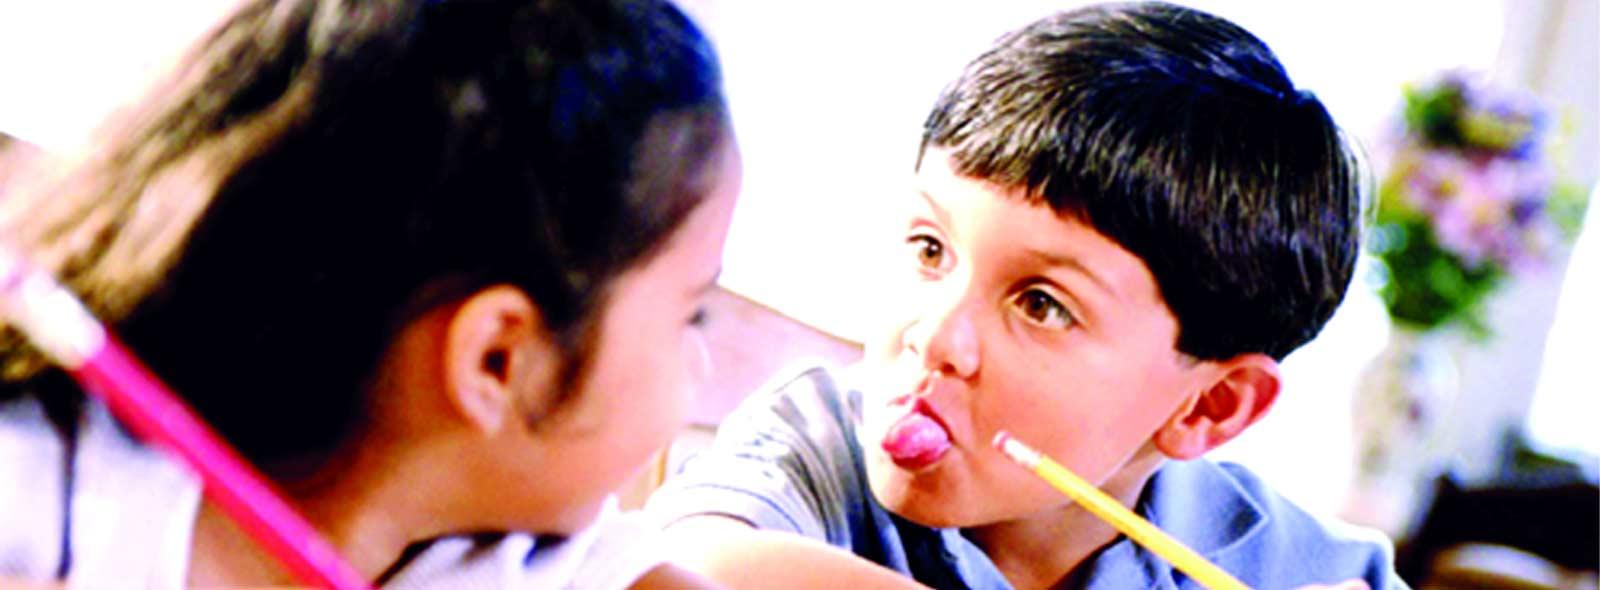 مرکز درمان بیش فعالی کودک